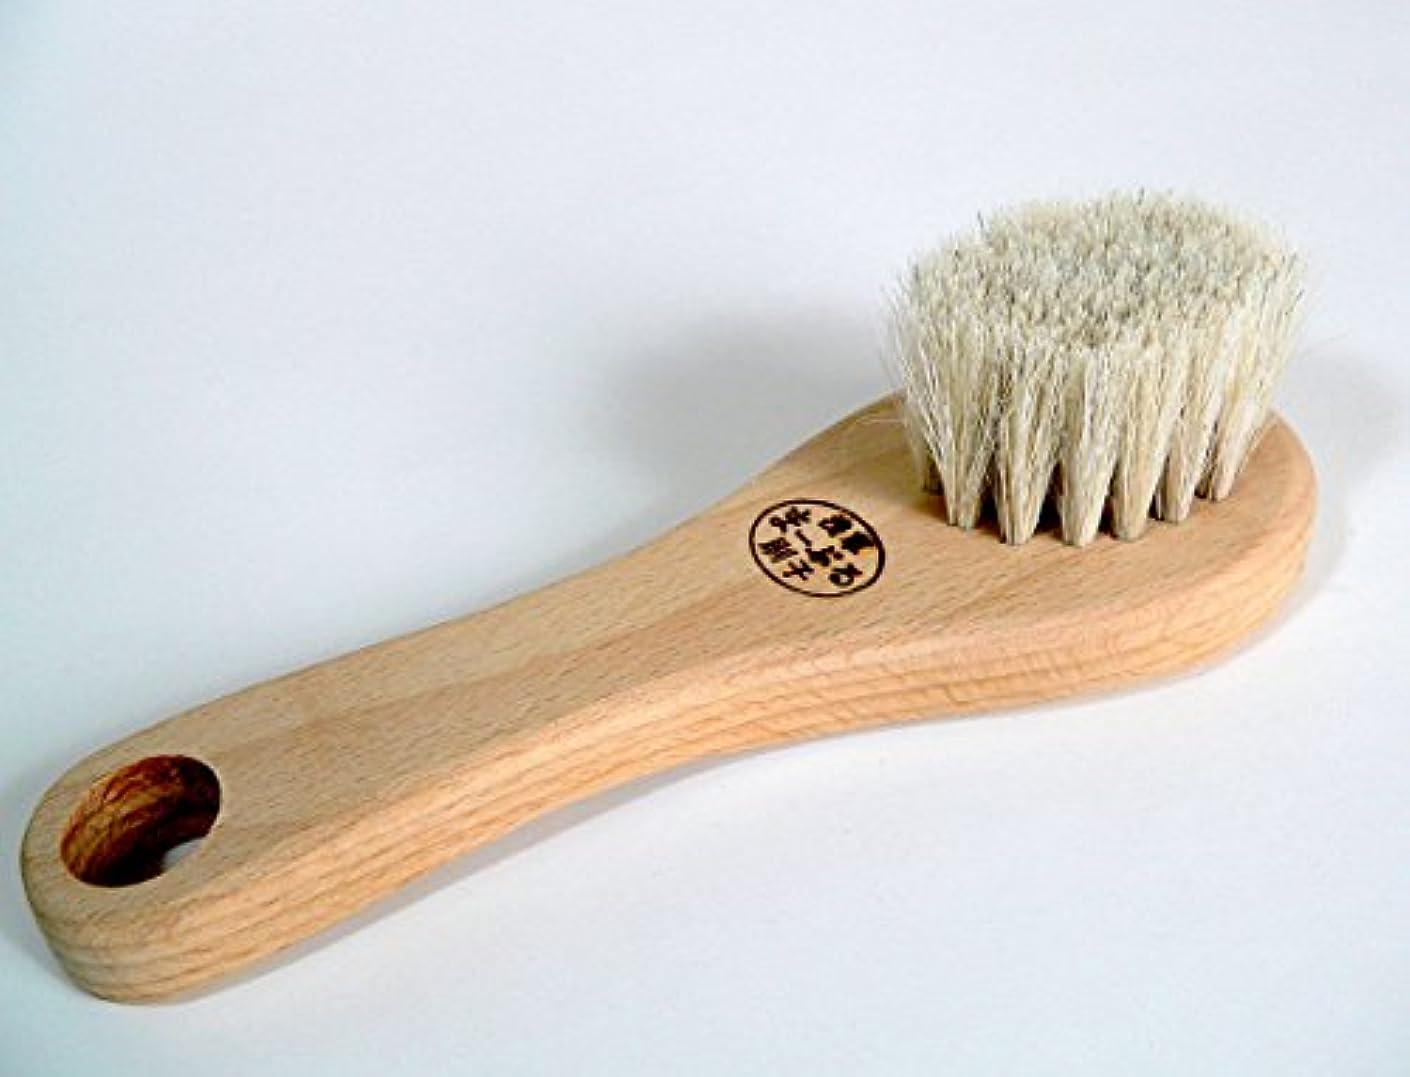 ピザ一時的克服する【まーぶる刷子】 フェイスブラシ 白馬毛使用! ※洗顔用ブラシです。